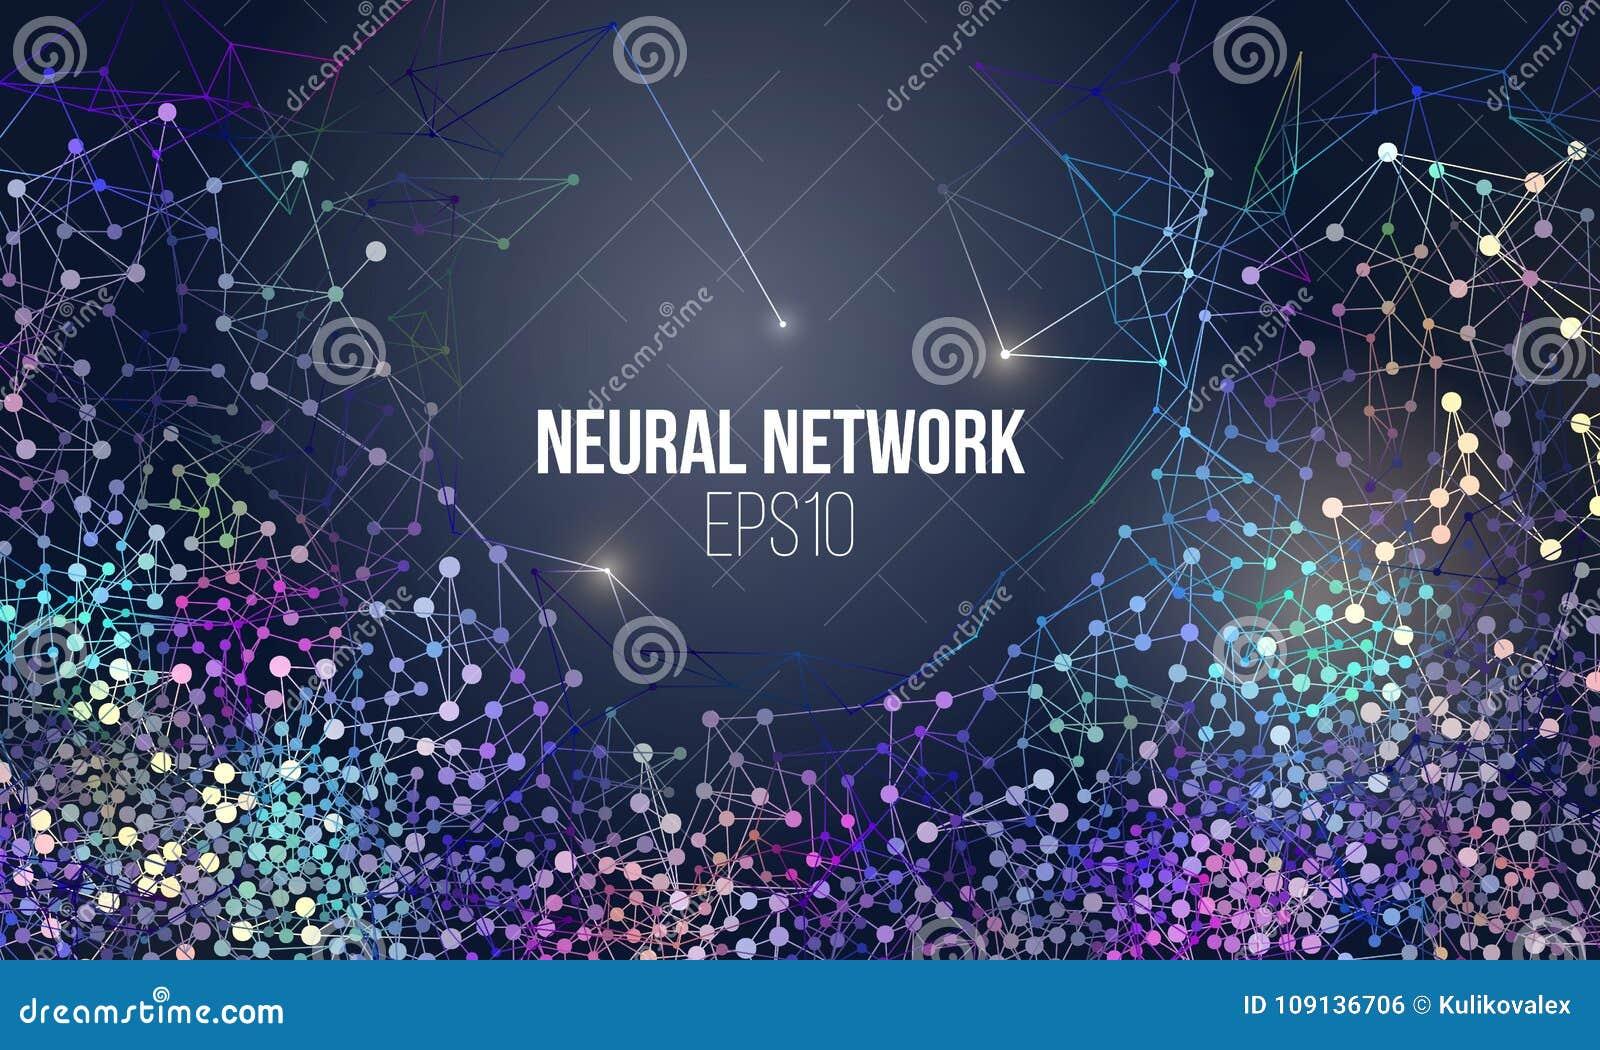 Иллюстрация нервной системы Абстрактный учебный прочесс машинного обучения Геометрическая крышка данных